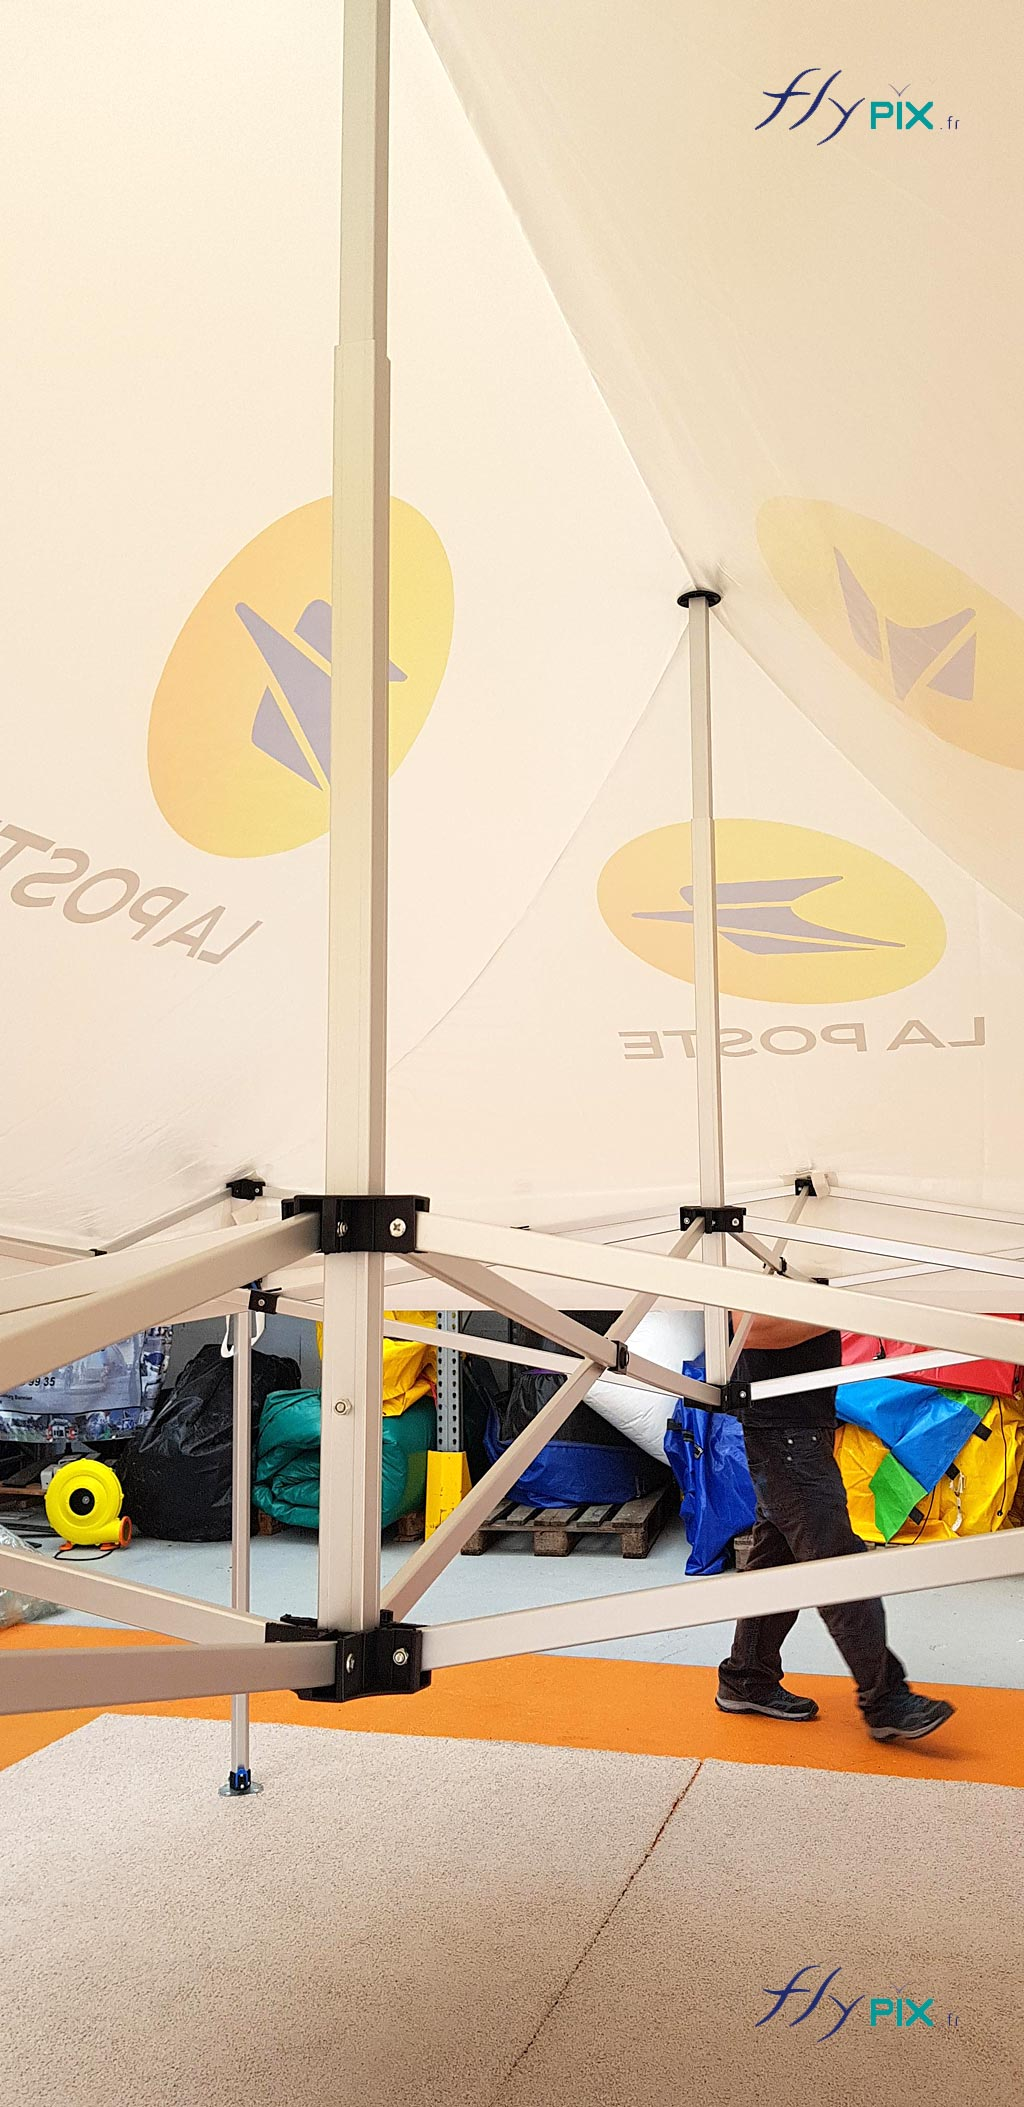 Vue intérieure d'une tente pliable: armatures en métal et enveloppe en toile enduite de PVC.